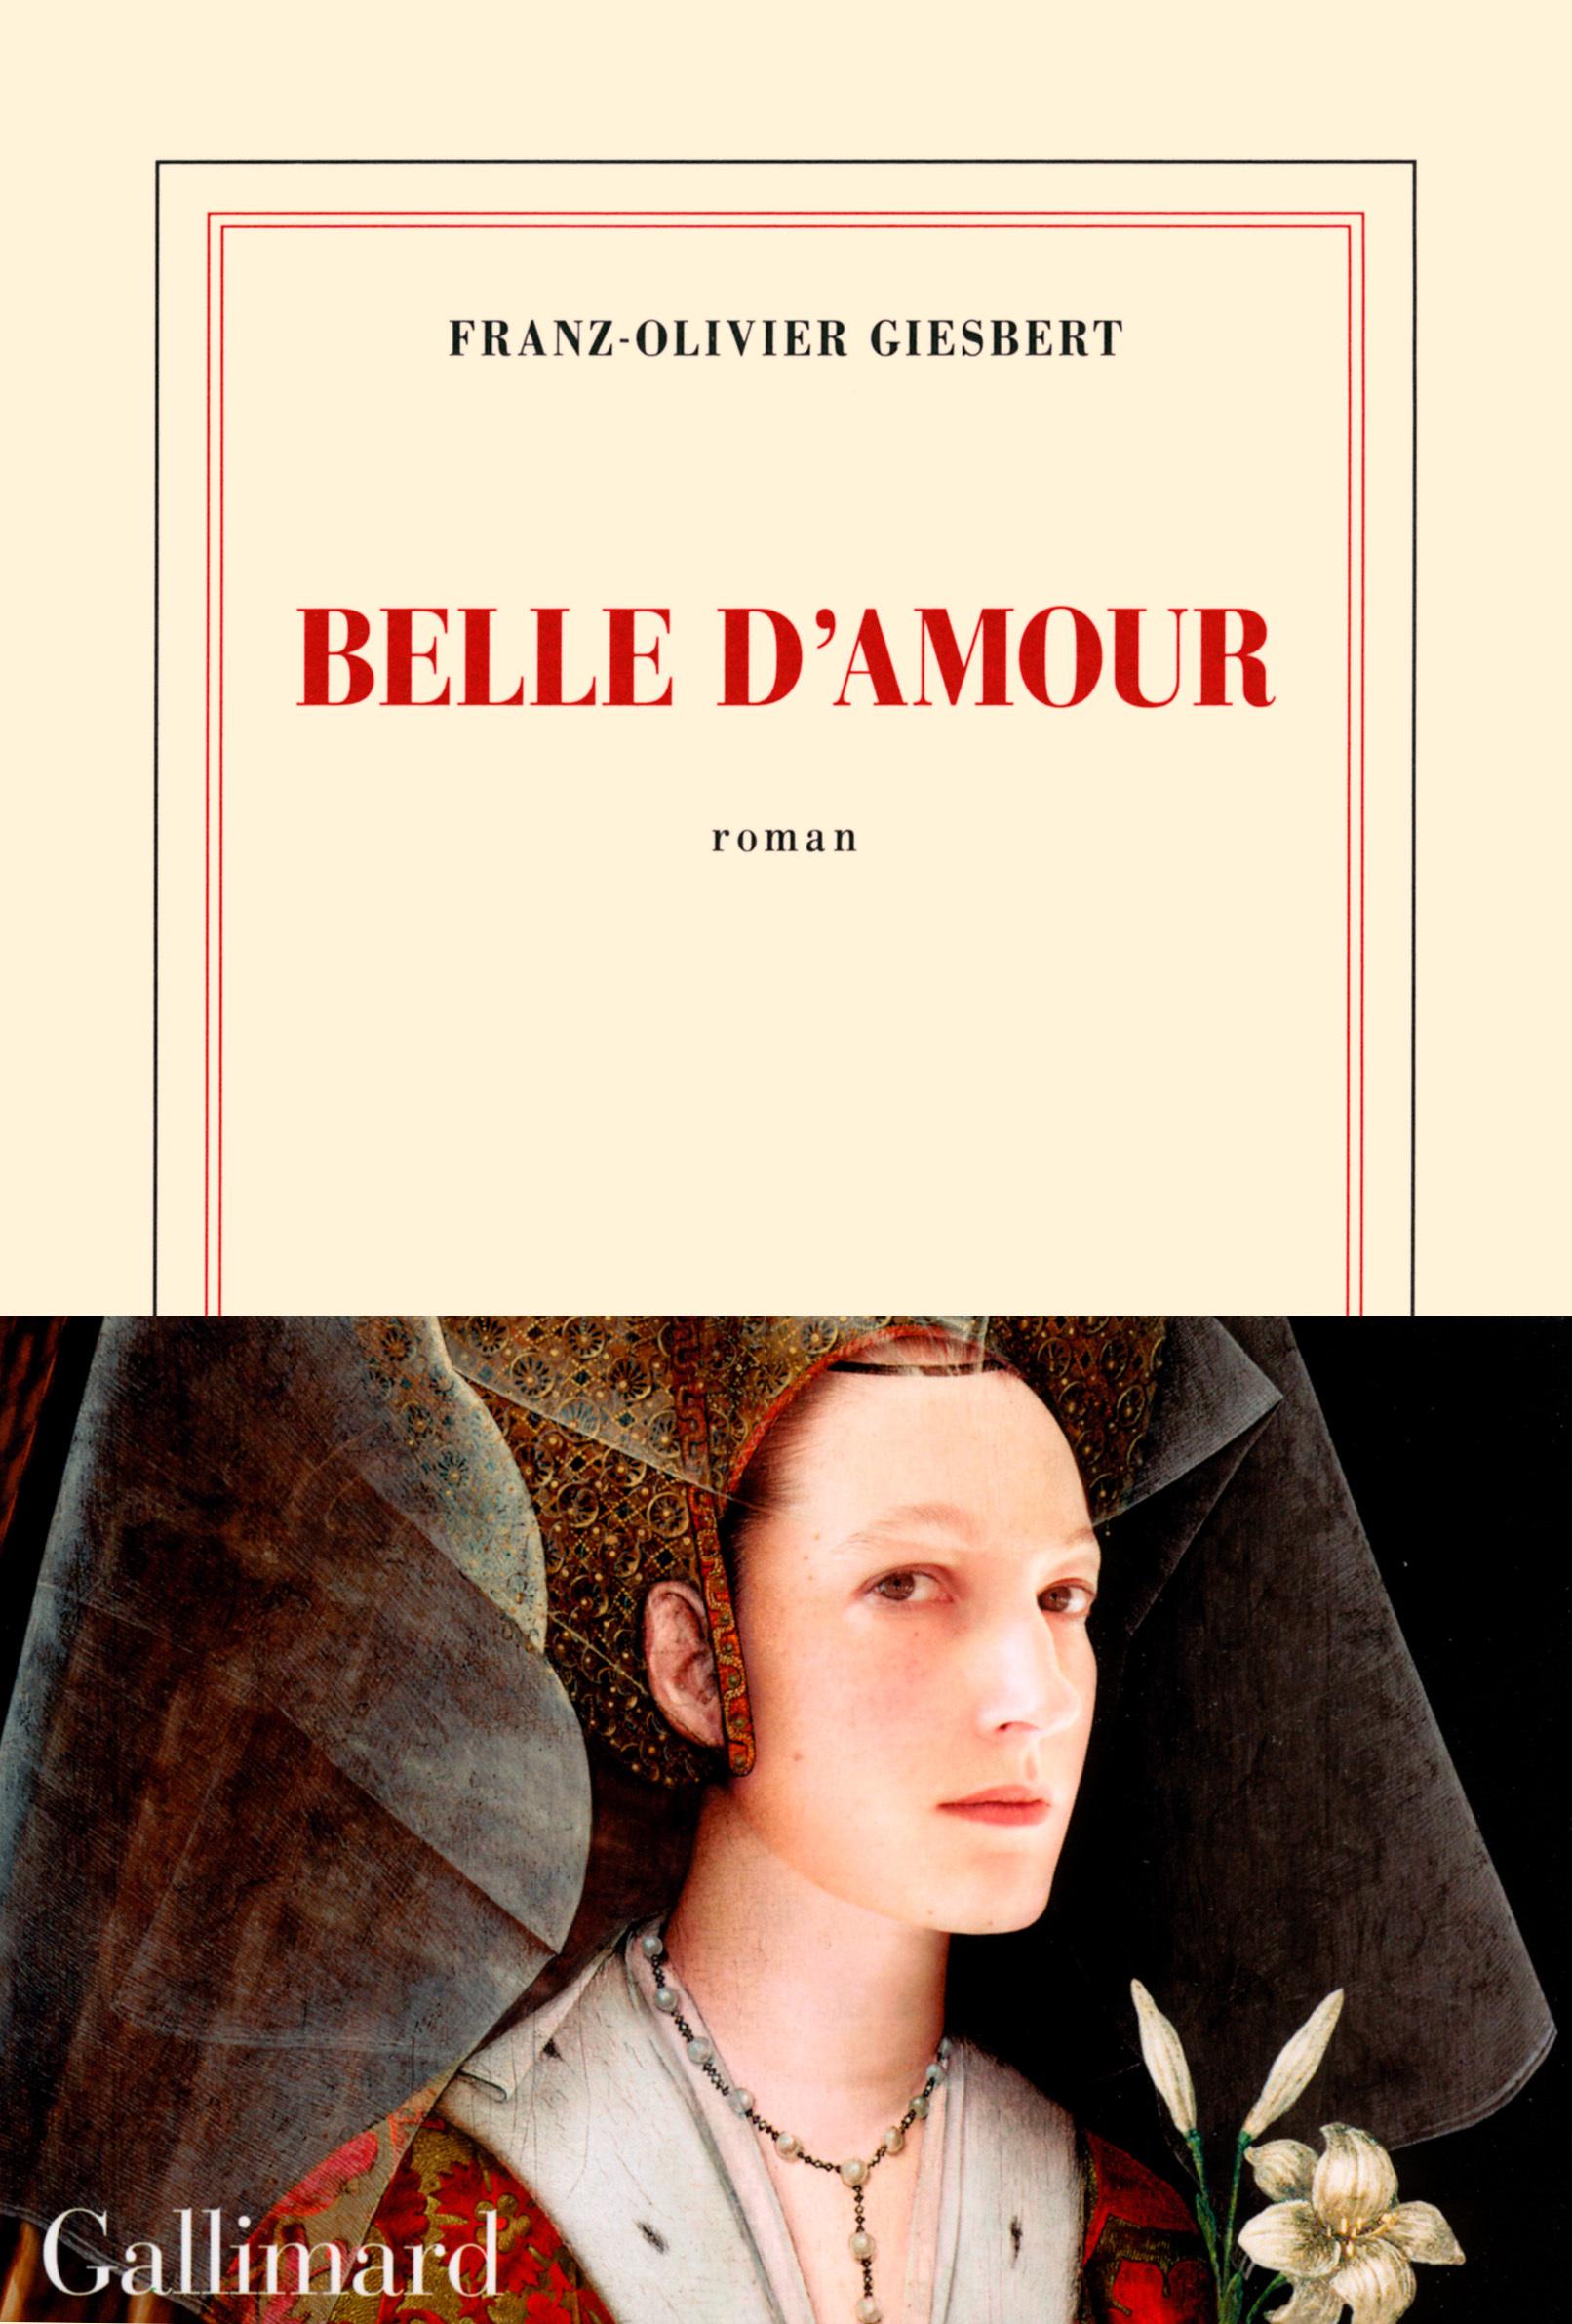 BELLE D'AMOUR